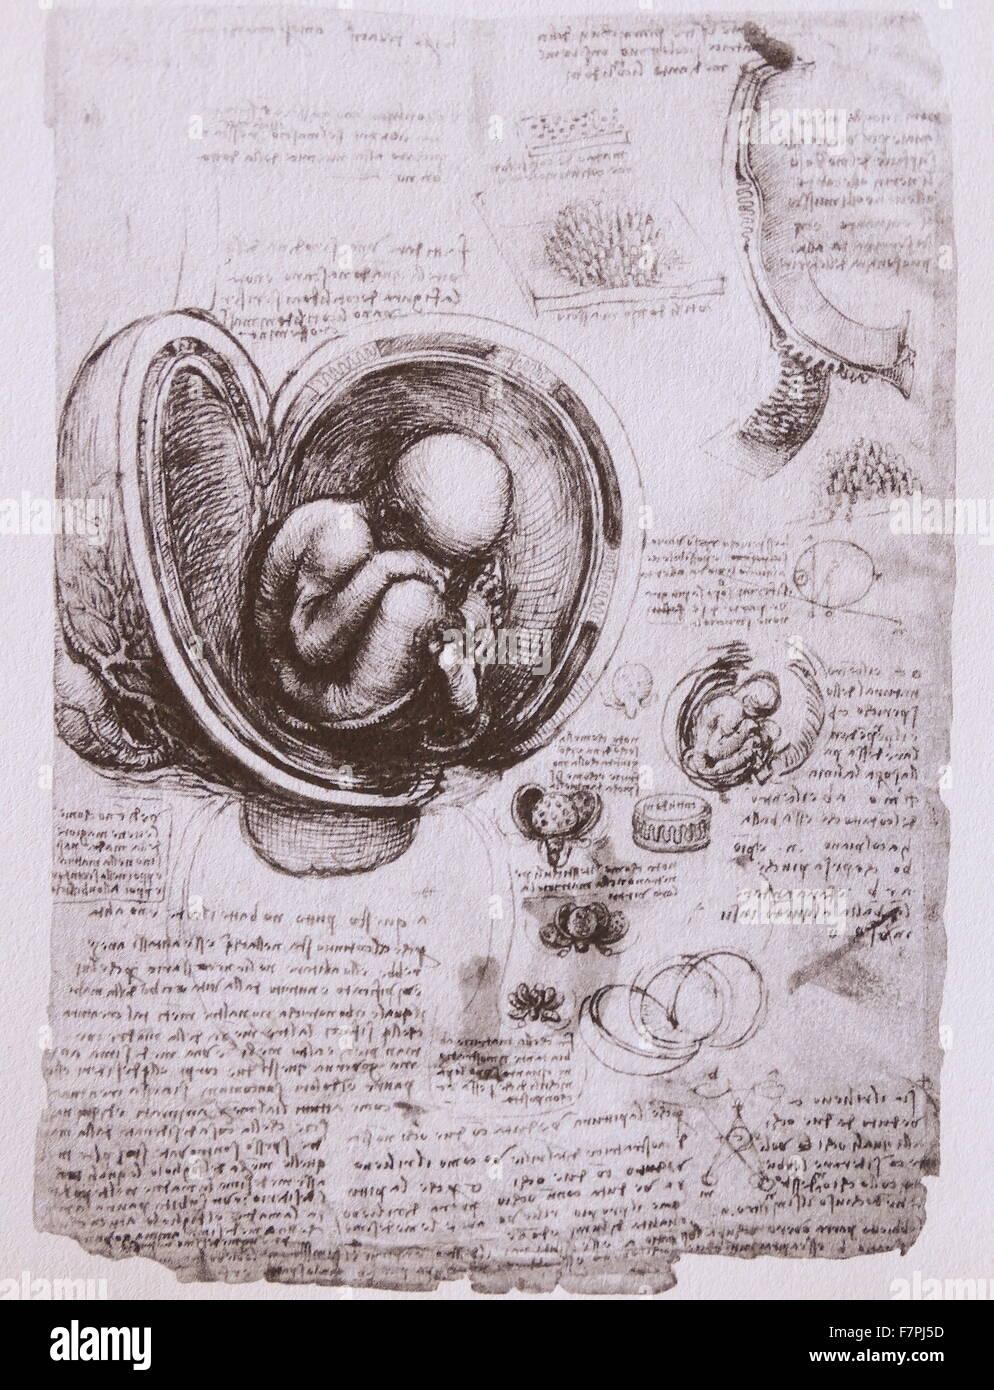 Anatomical sketch by Leonardo Da Vinci (1452-1519) Italian polymath ...